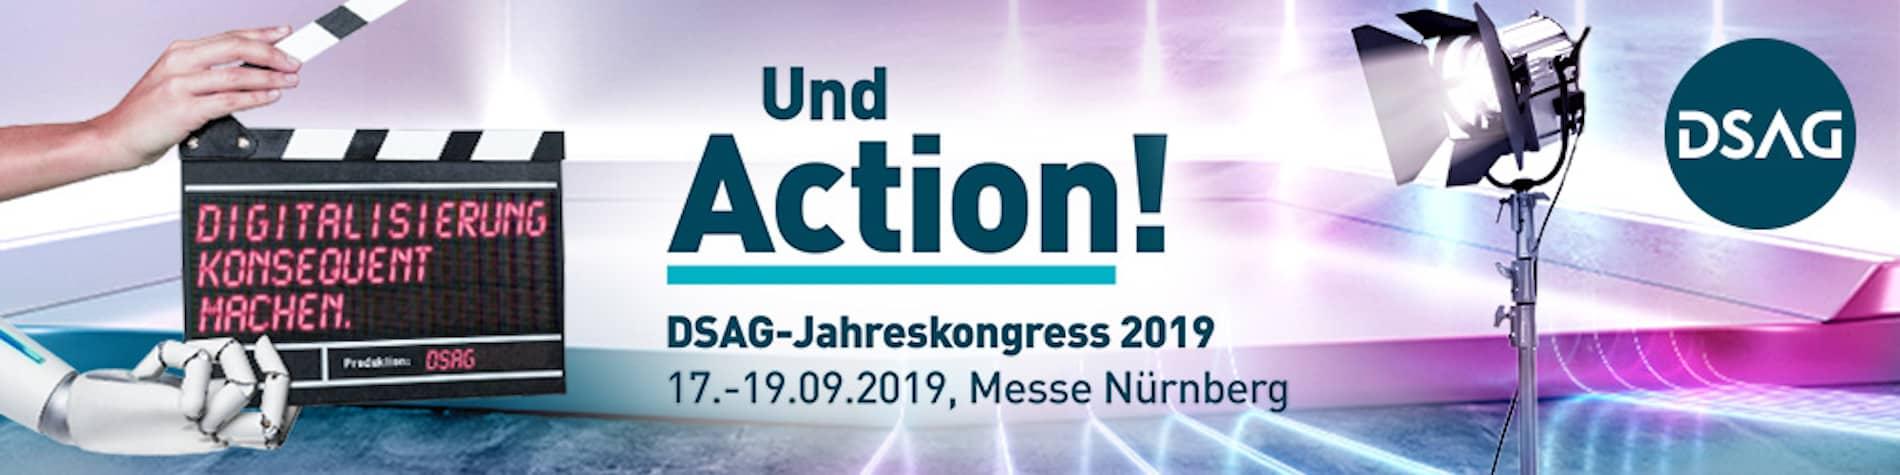 DSAG-Jahreskongress 2019 Banner